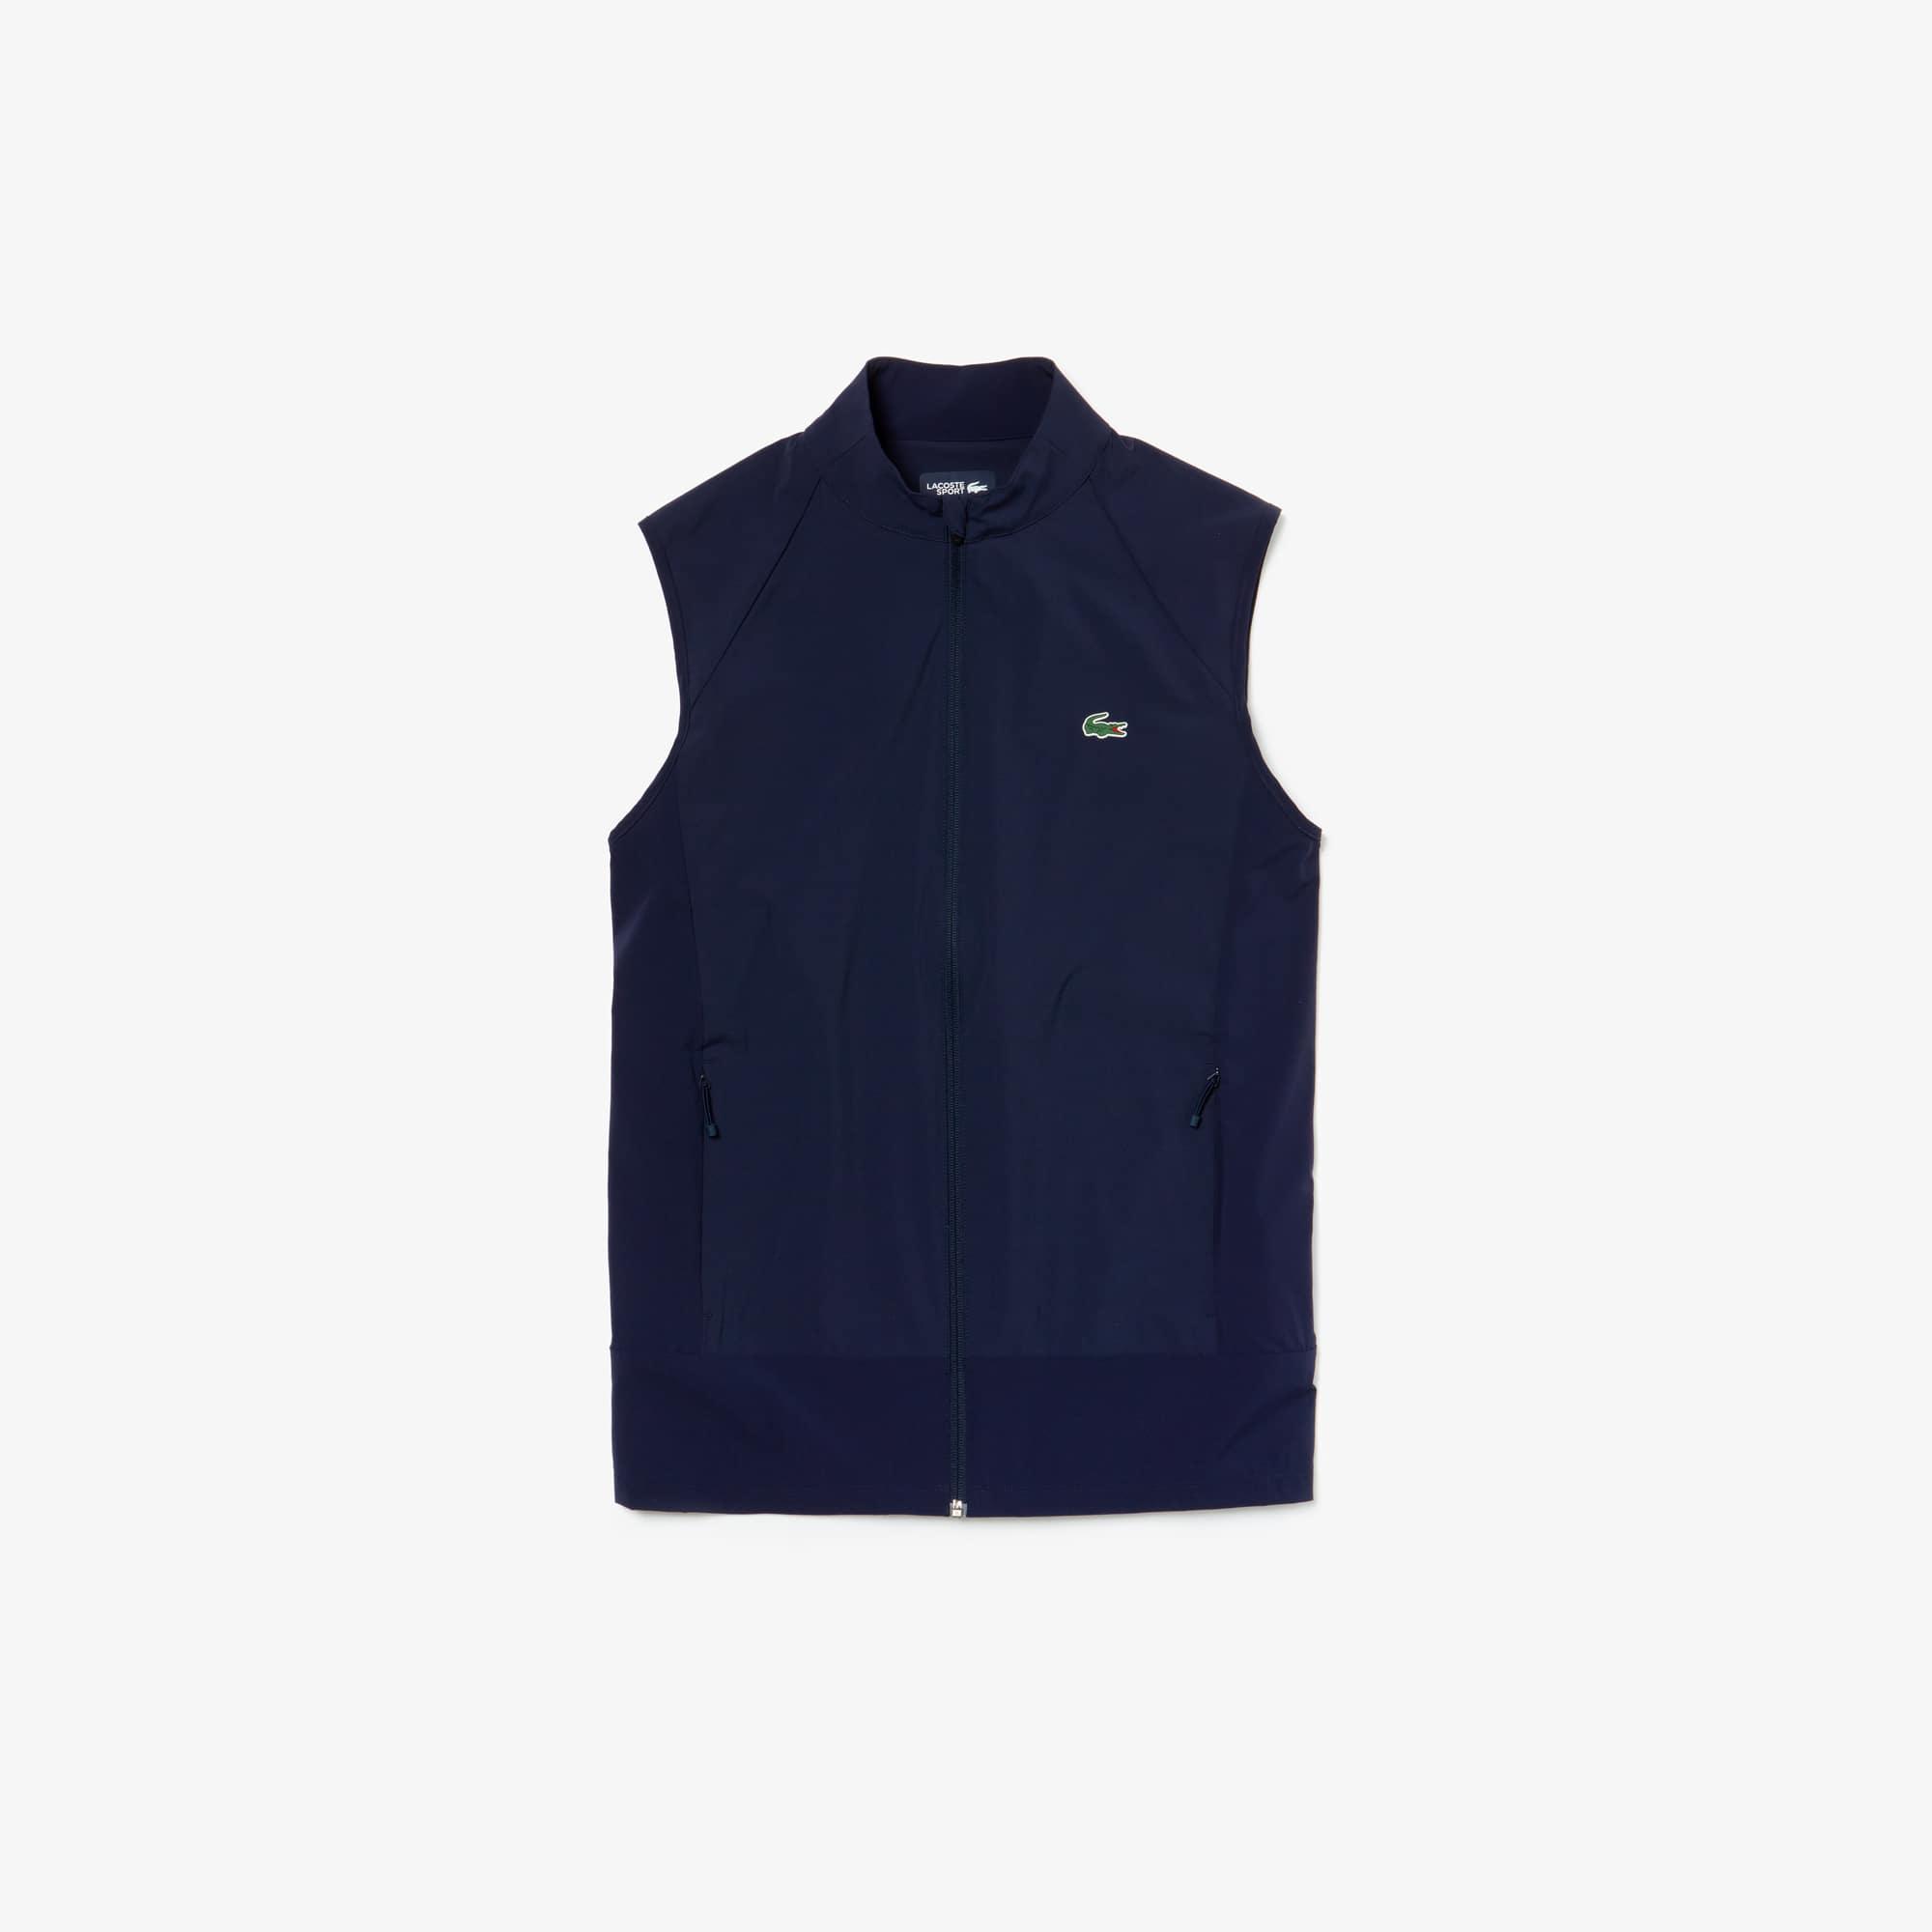 amp; Blousons Manteaux Homme Vêtements Lacoste g55dqr